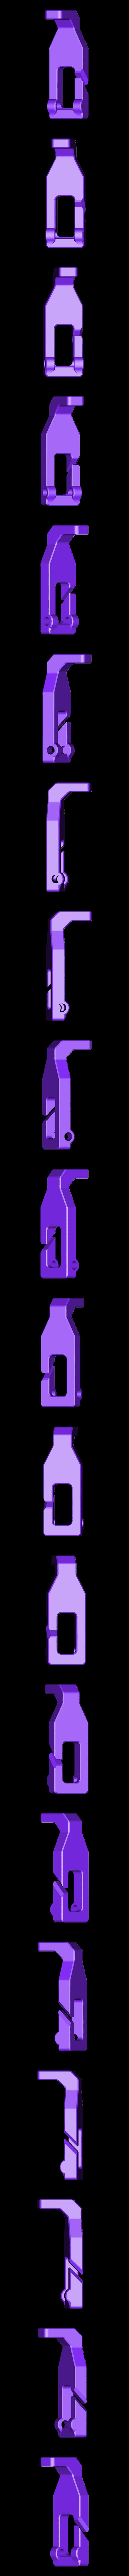 GUIDE_BODY.stl Télécharger fichier STL gratuit Alimentateur de filaments horizontaux pour la chambre d'impression • Plan à imprimer en 3D, theveel